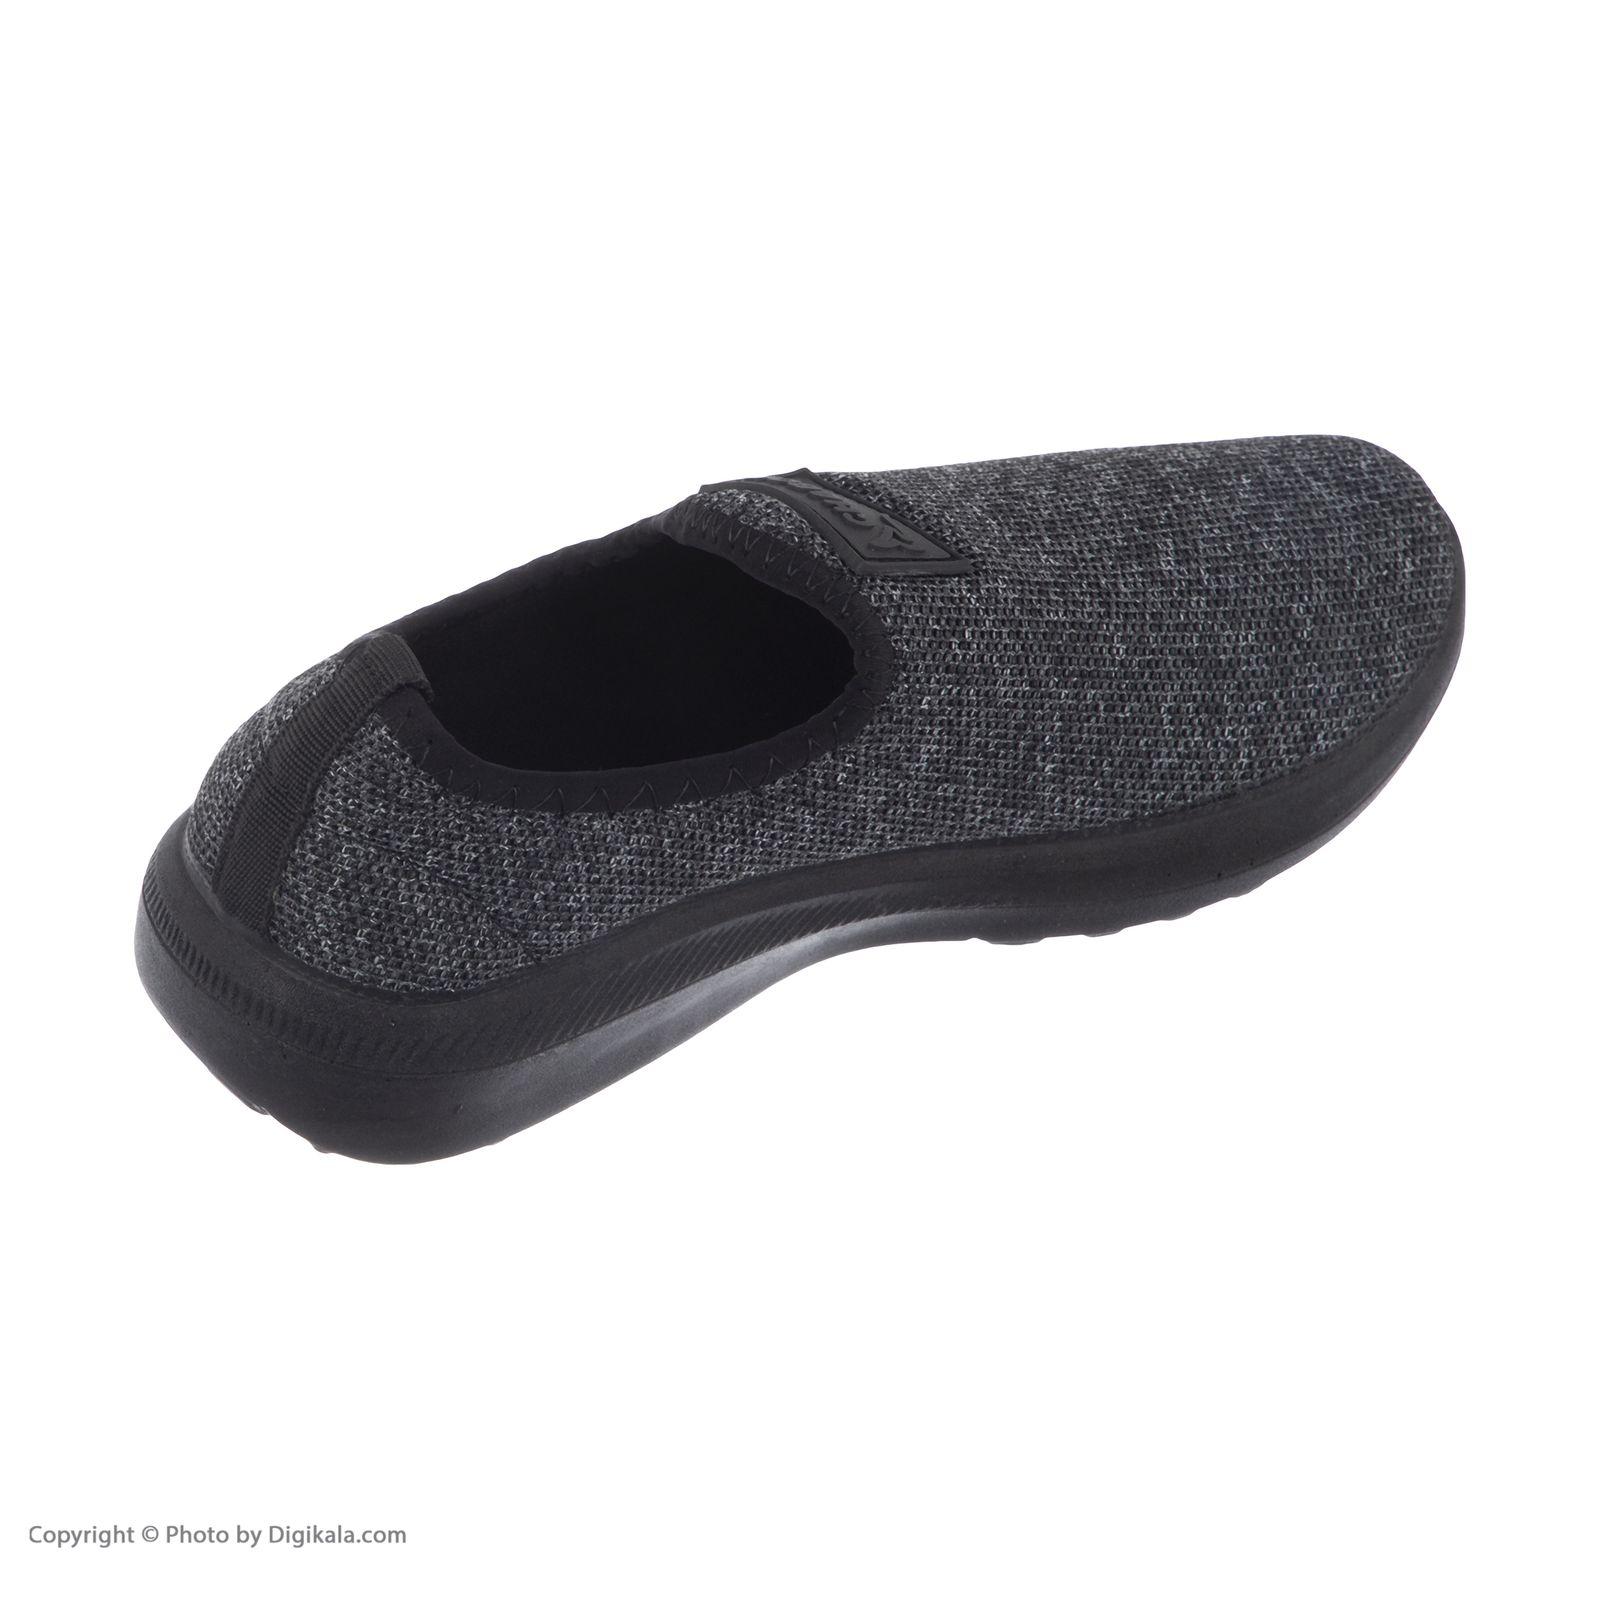 کفش راحتی چابک مدل رامش رنگ نوک مدادی -  - 5